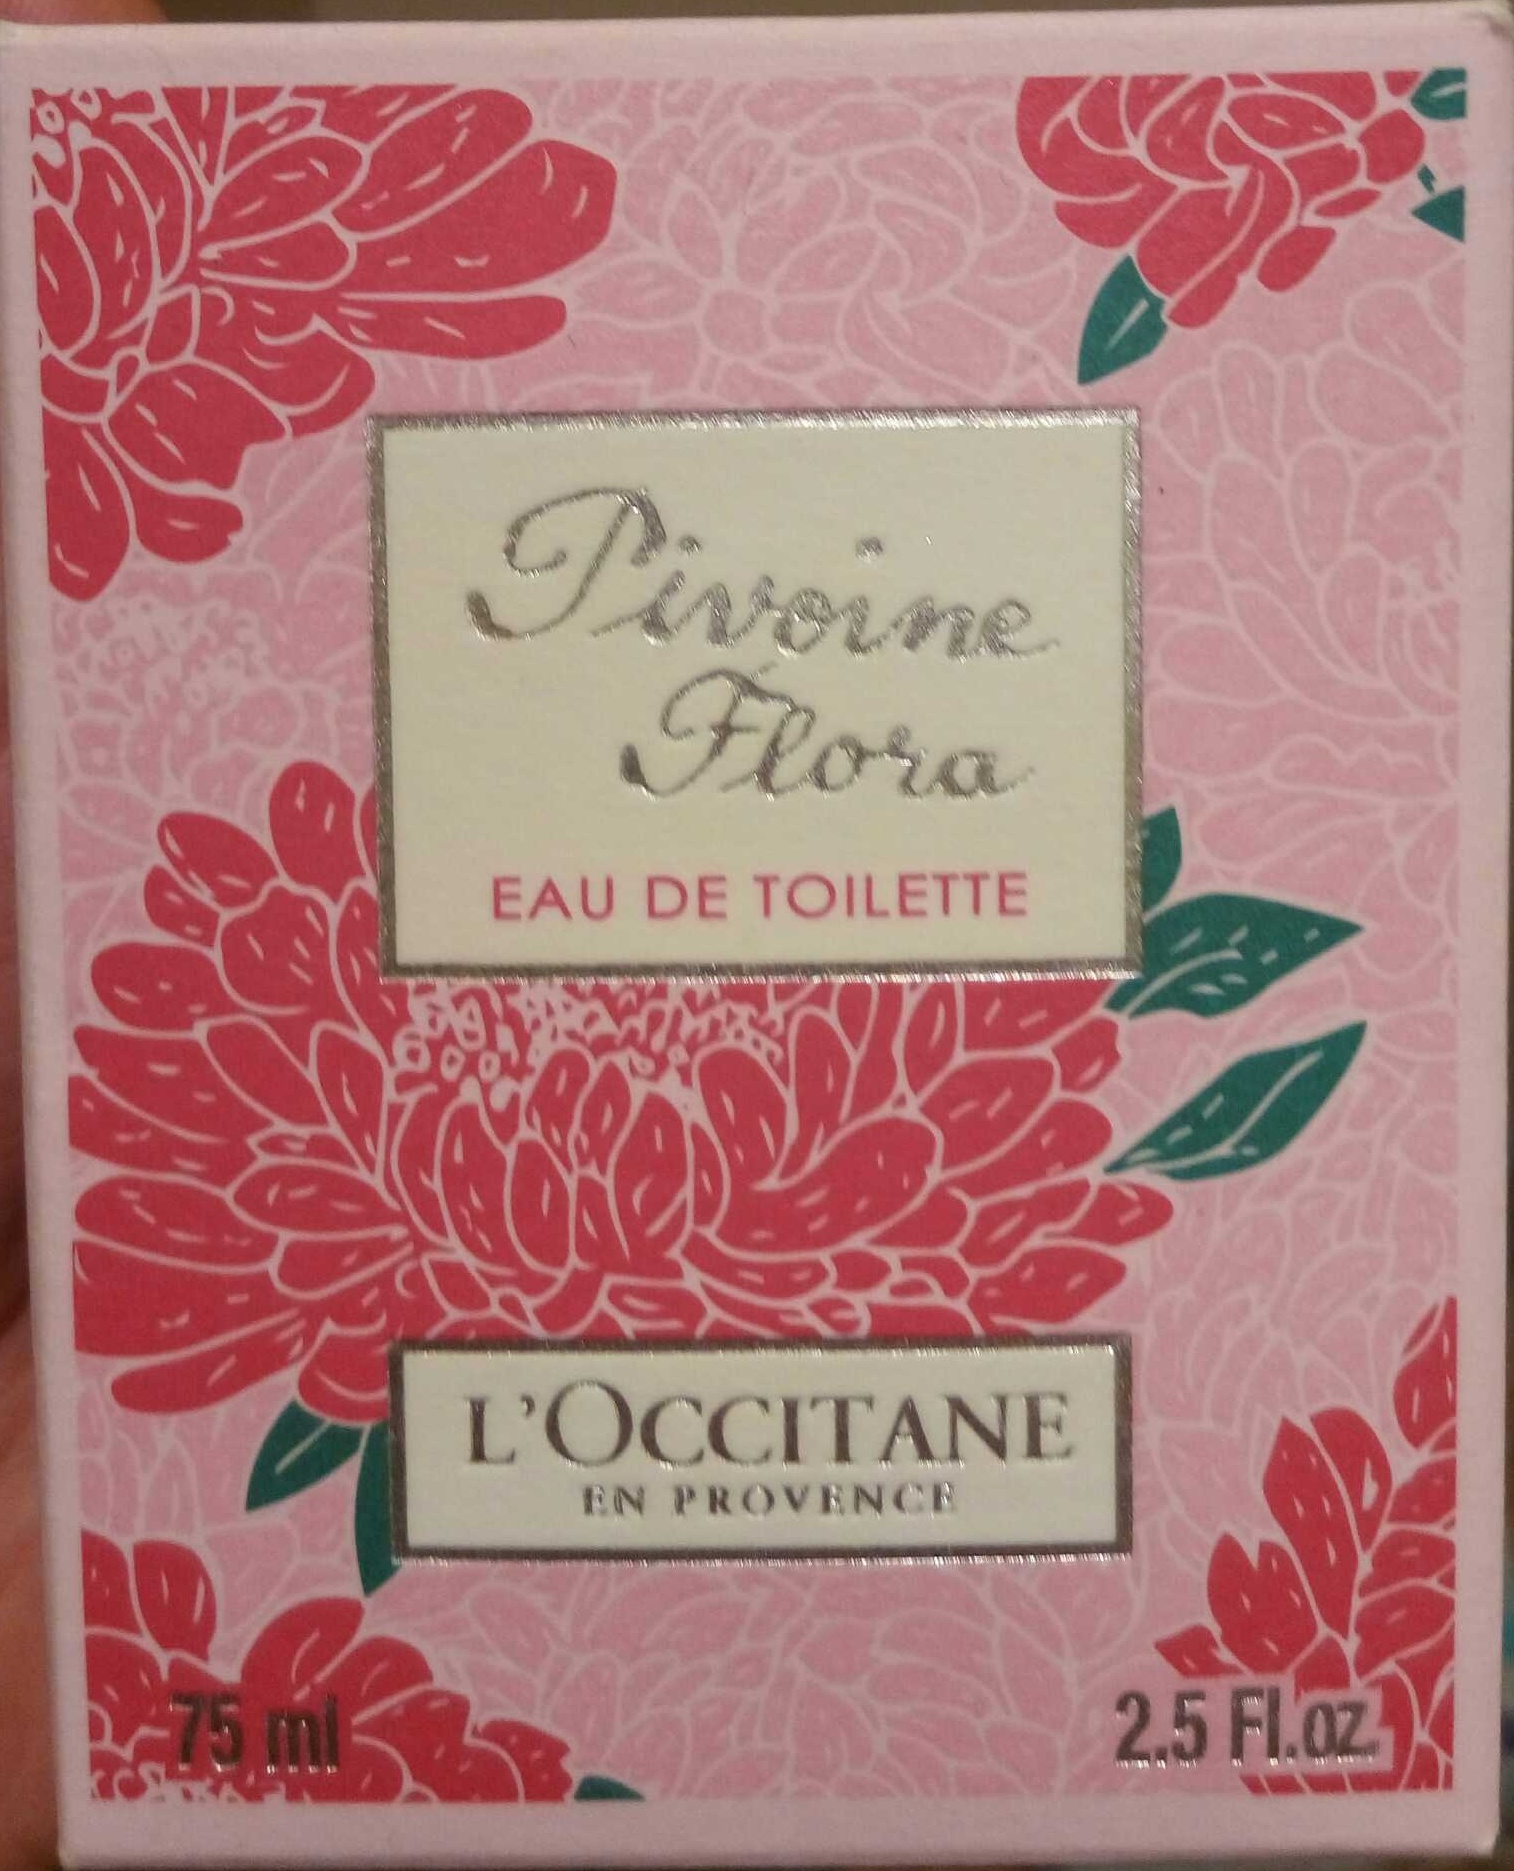 Eau de toilette Pivoine Flora - Produit - fr